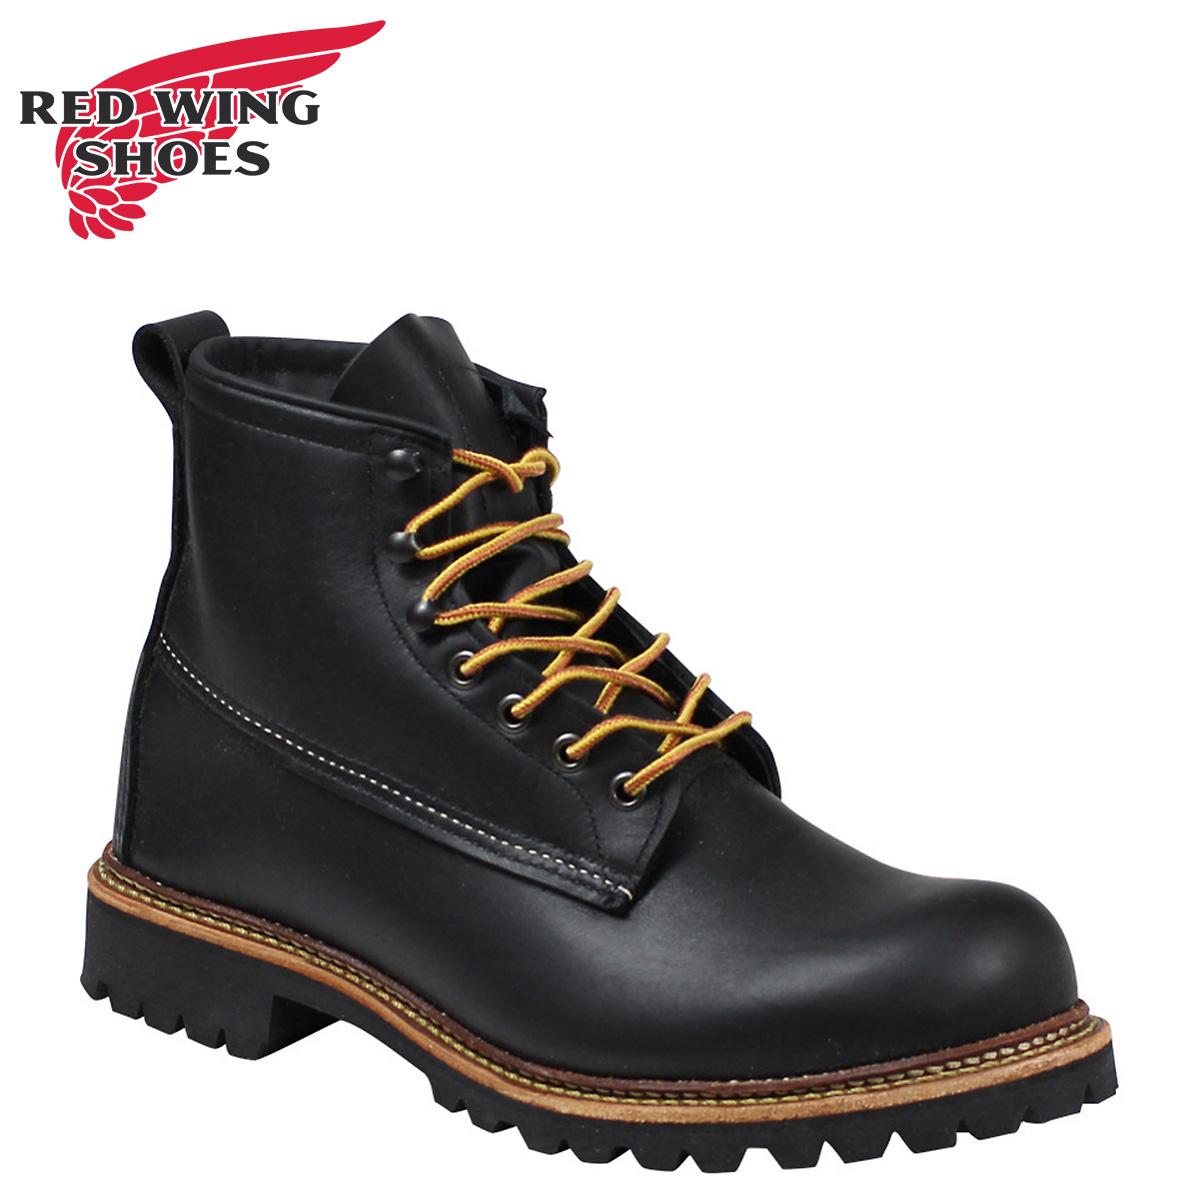 RED WING レッドウィング アイスカッター ブーツ ICE CUTTER 防寒 防水 Dワイズ 2930 レッドウイング